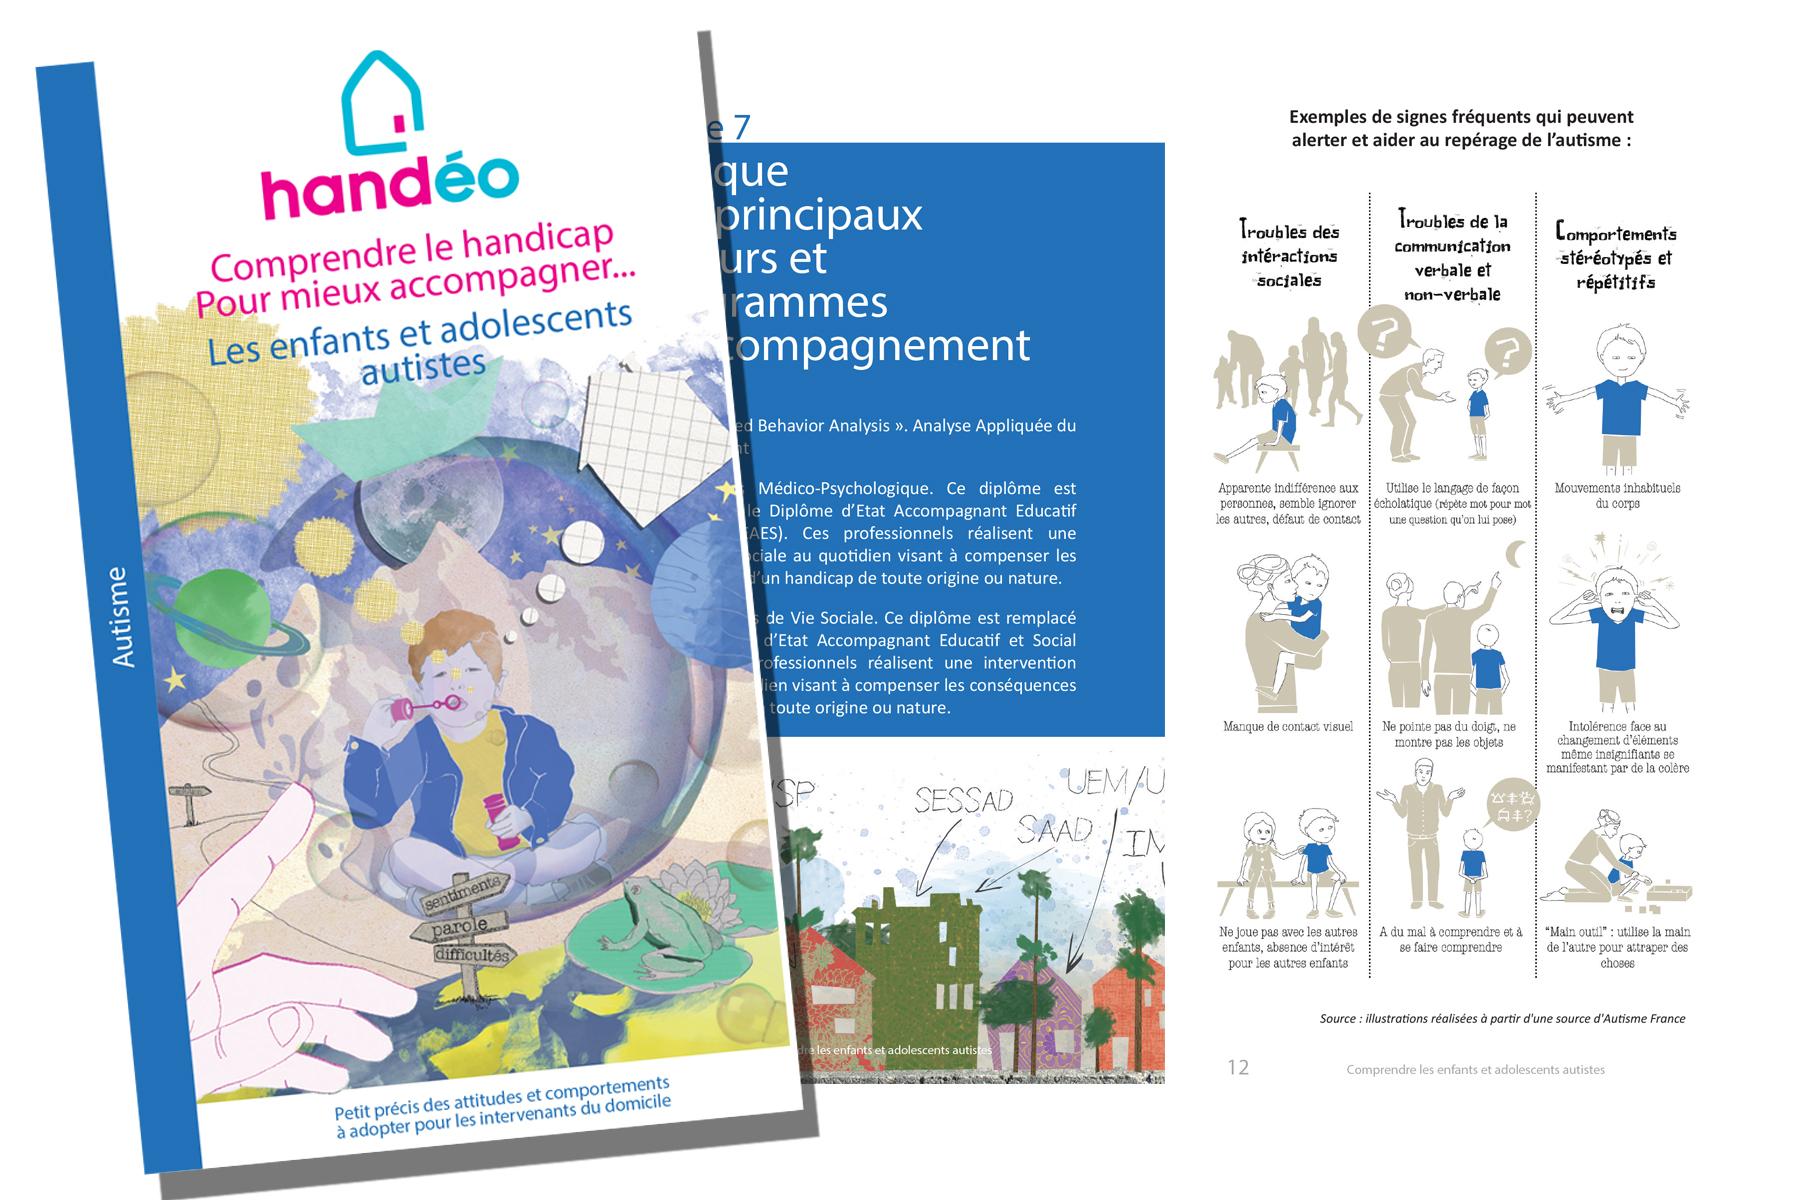 Un guide pour «Comprendre le handicap, pour mieux accompagner les enfants et adolescents autistes»